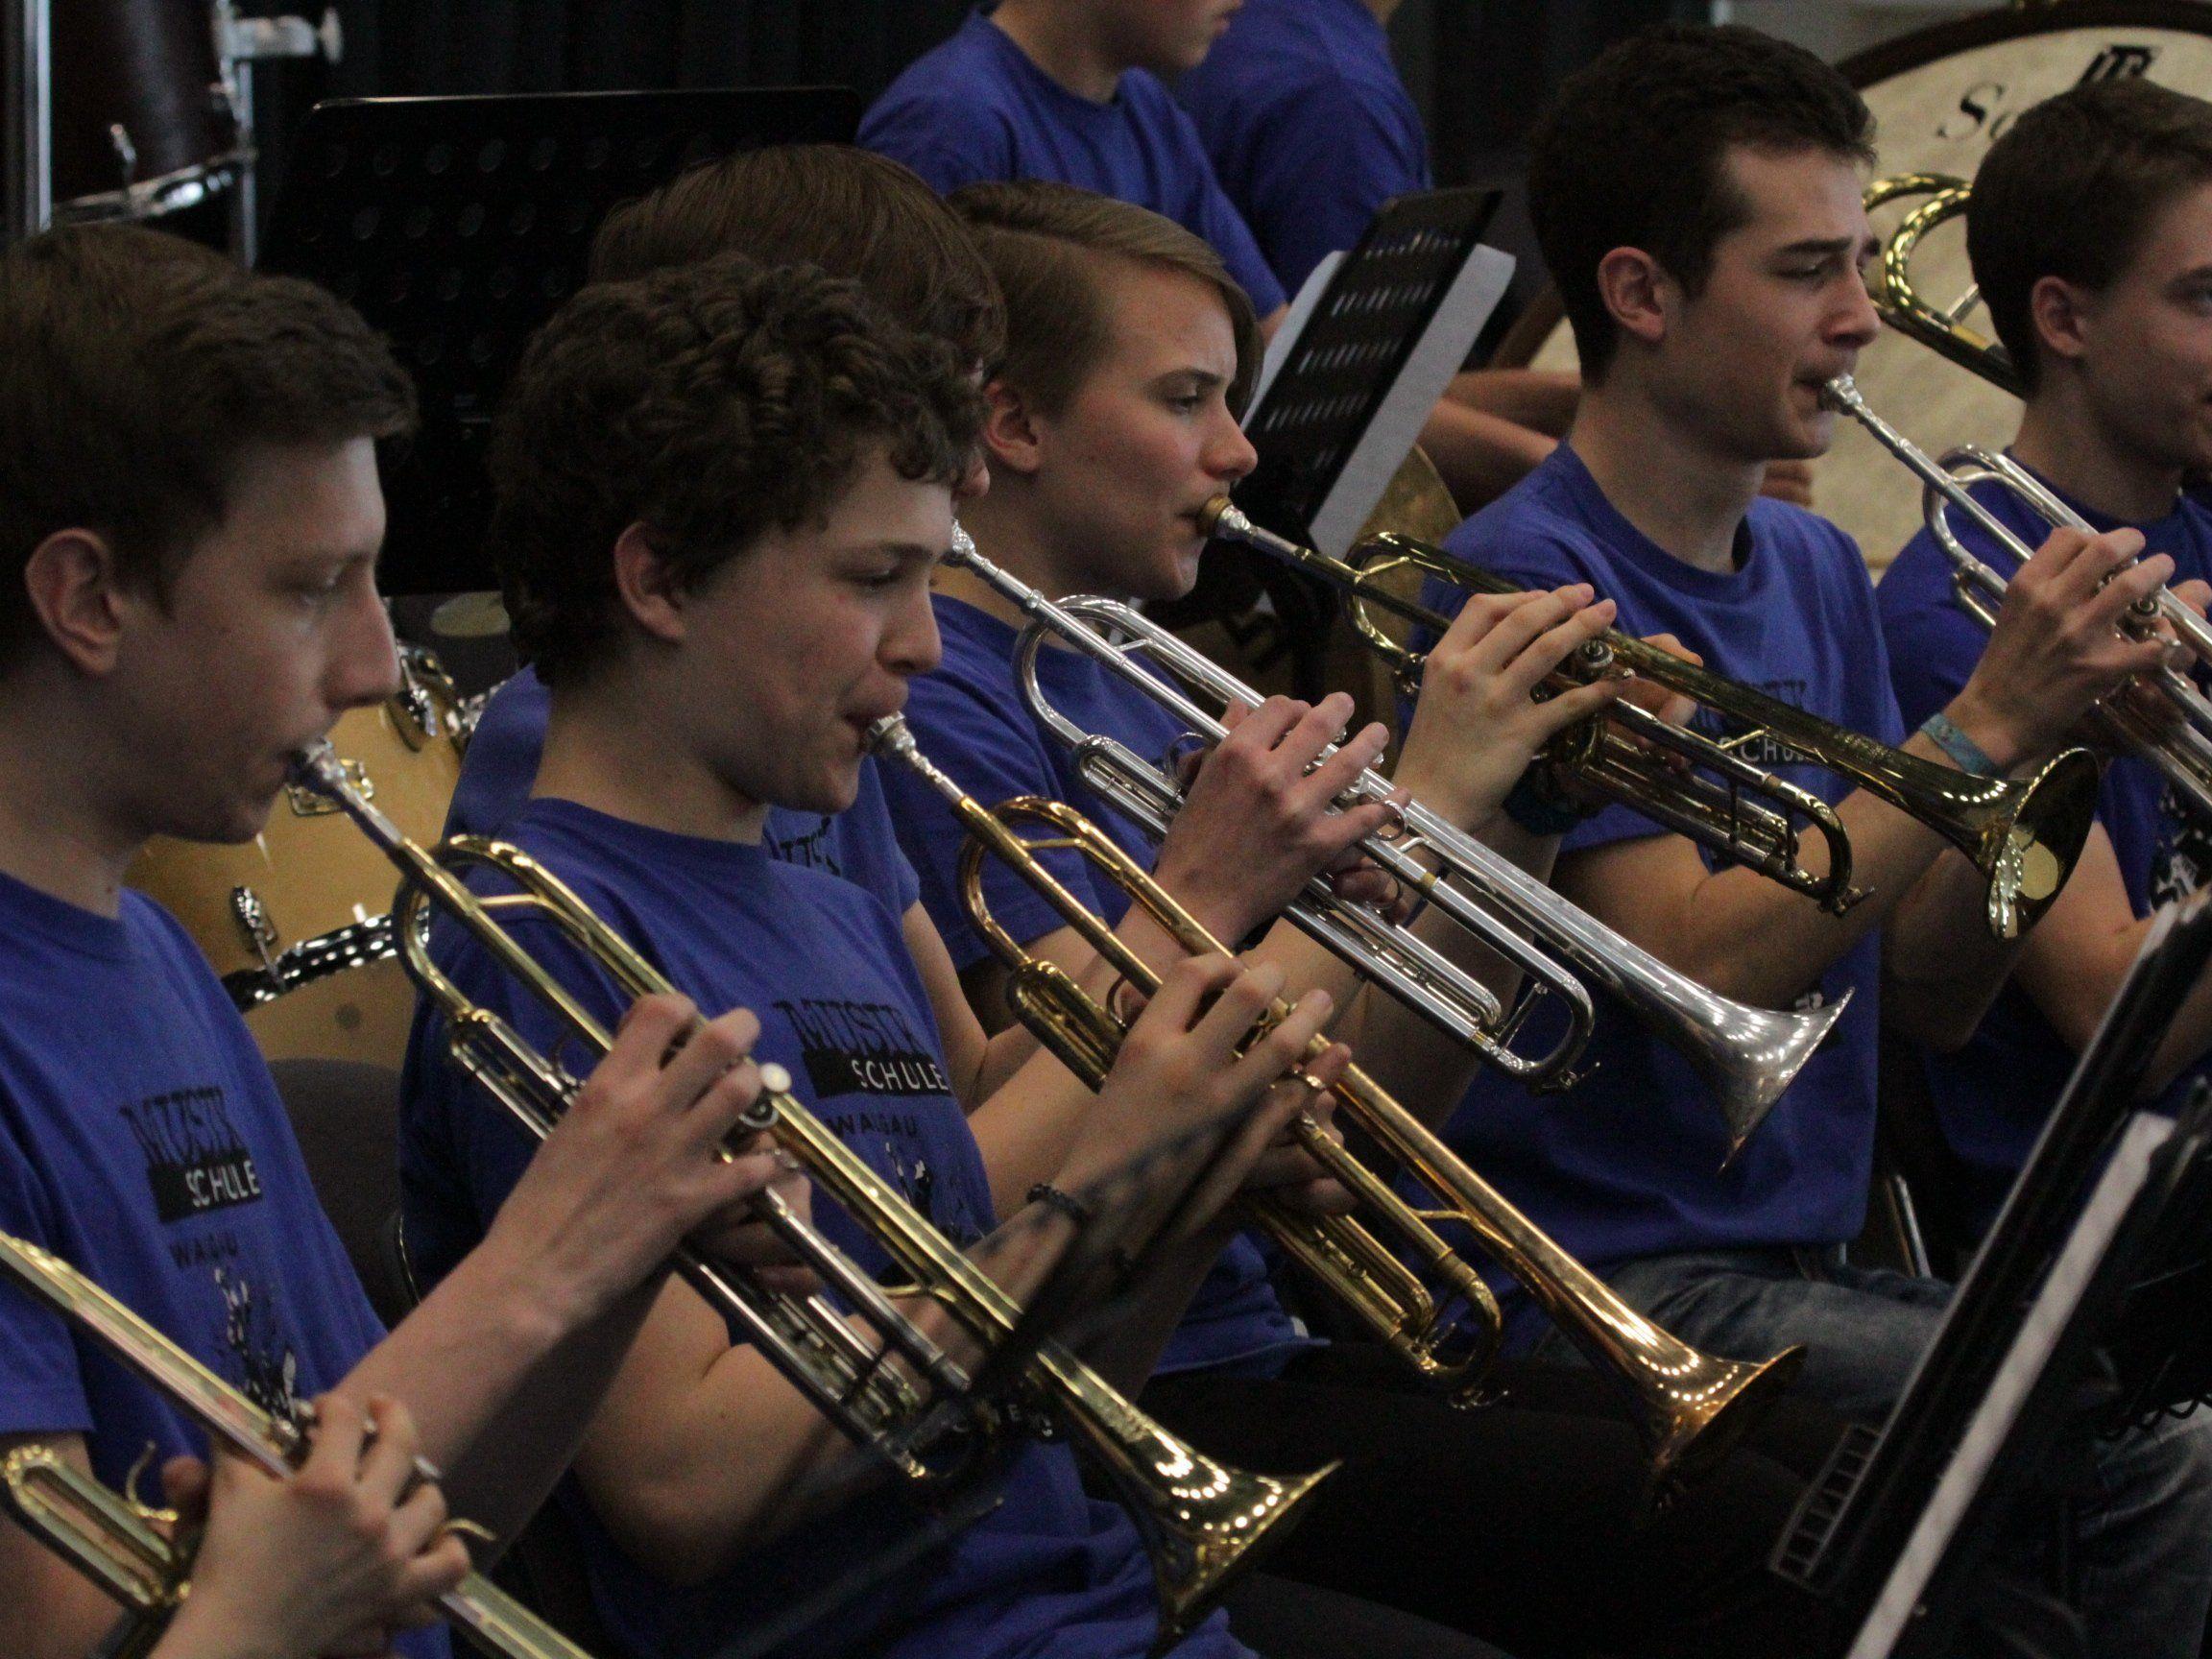 Zum Abschlusskonzert lädt das Lehrkörperteam der Musikschule Walgau